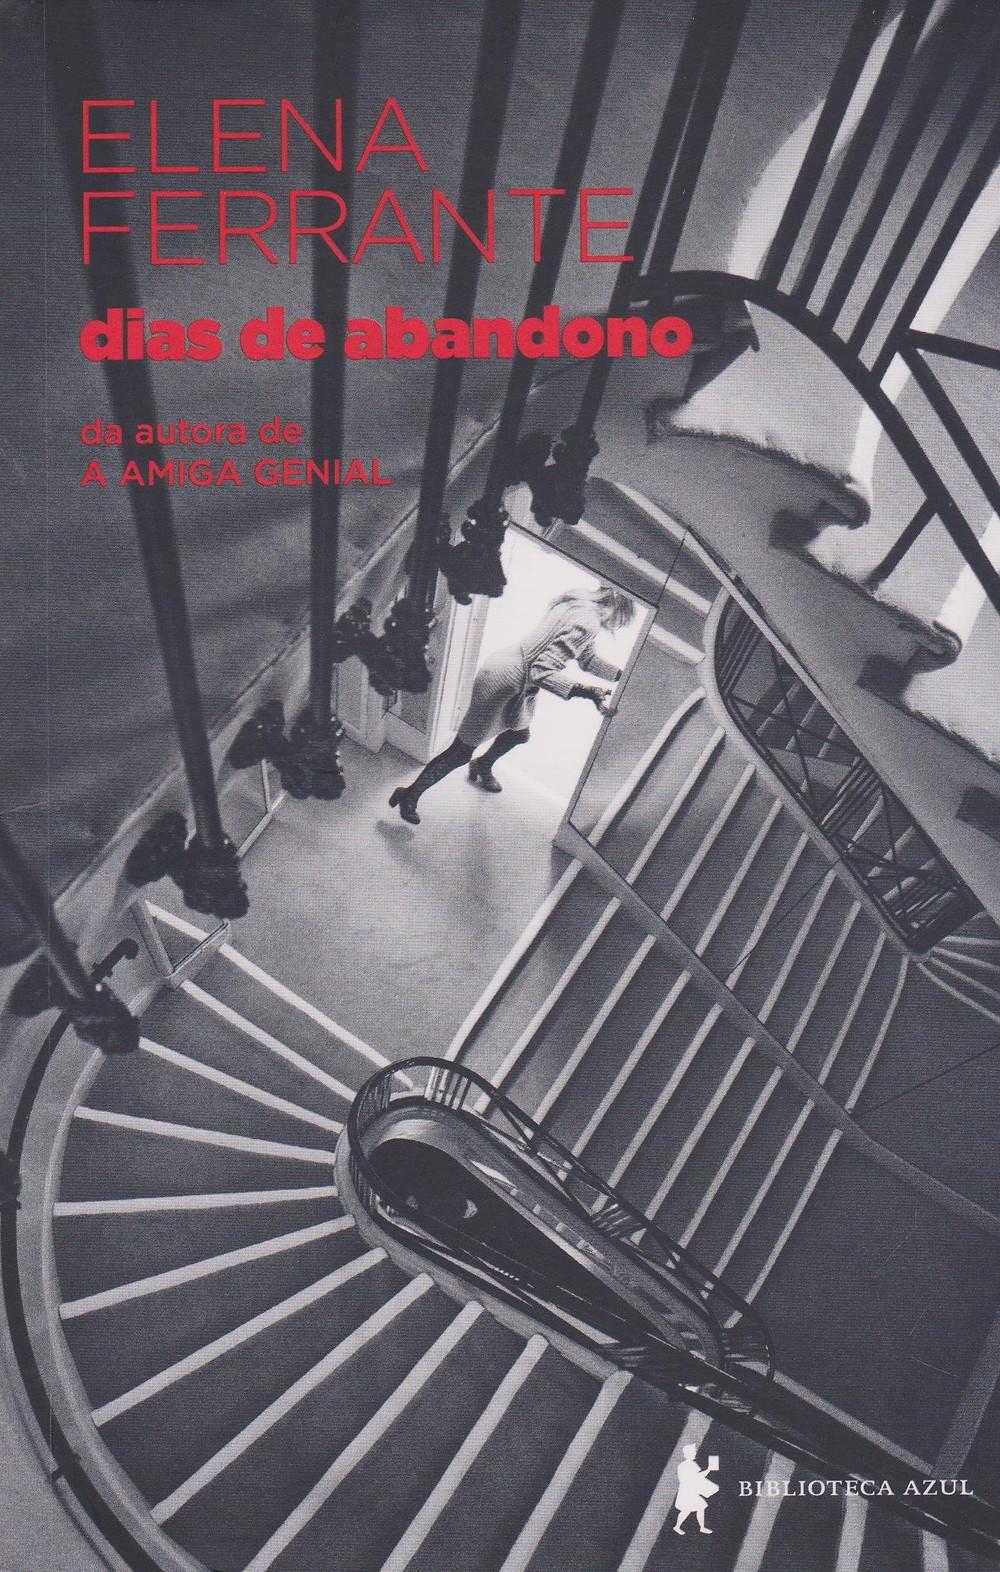 Livro Dias de Abandono de Elena Ferrante